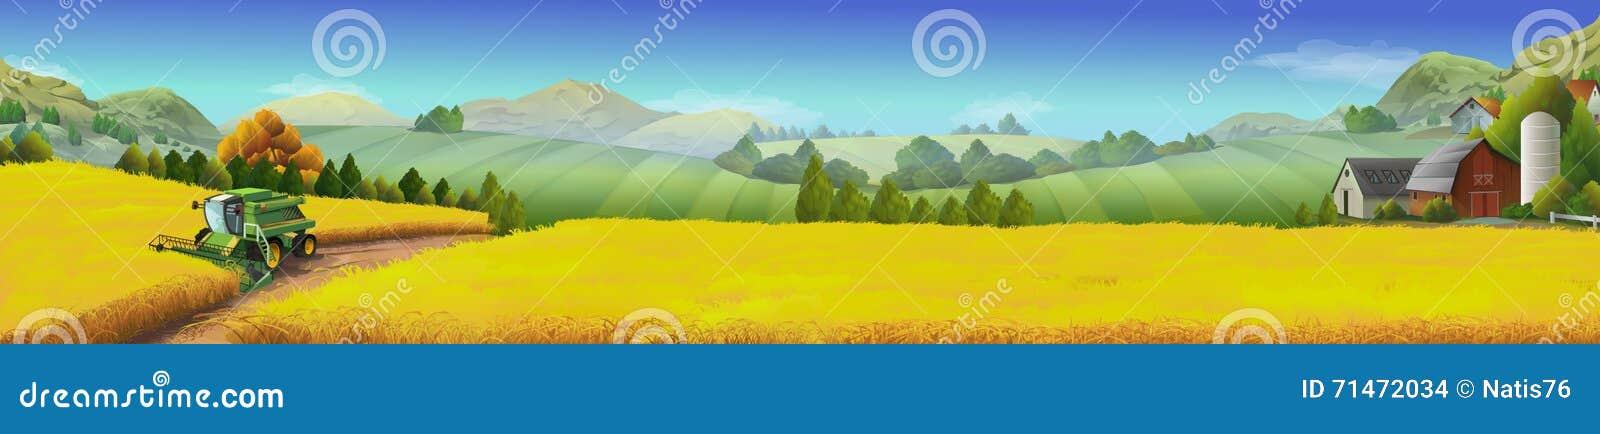 Wheat field, rural landscape